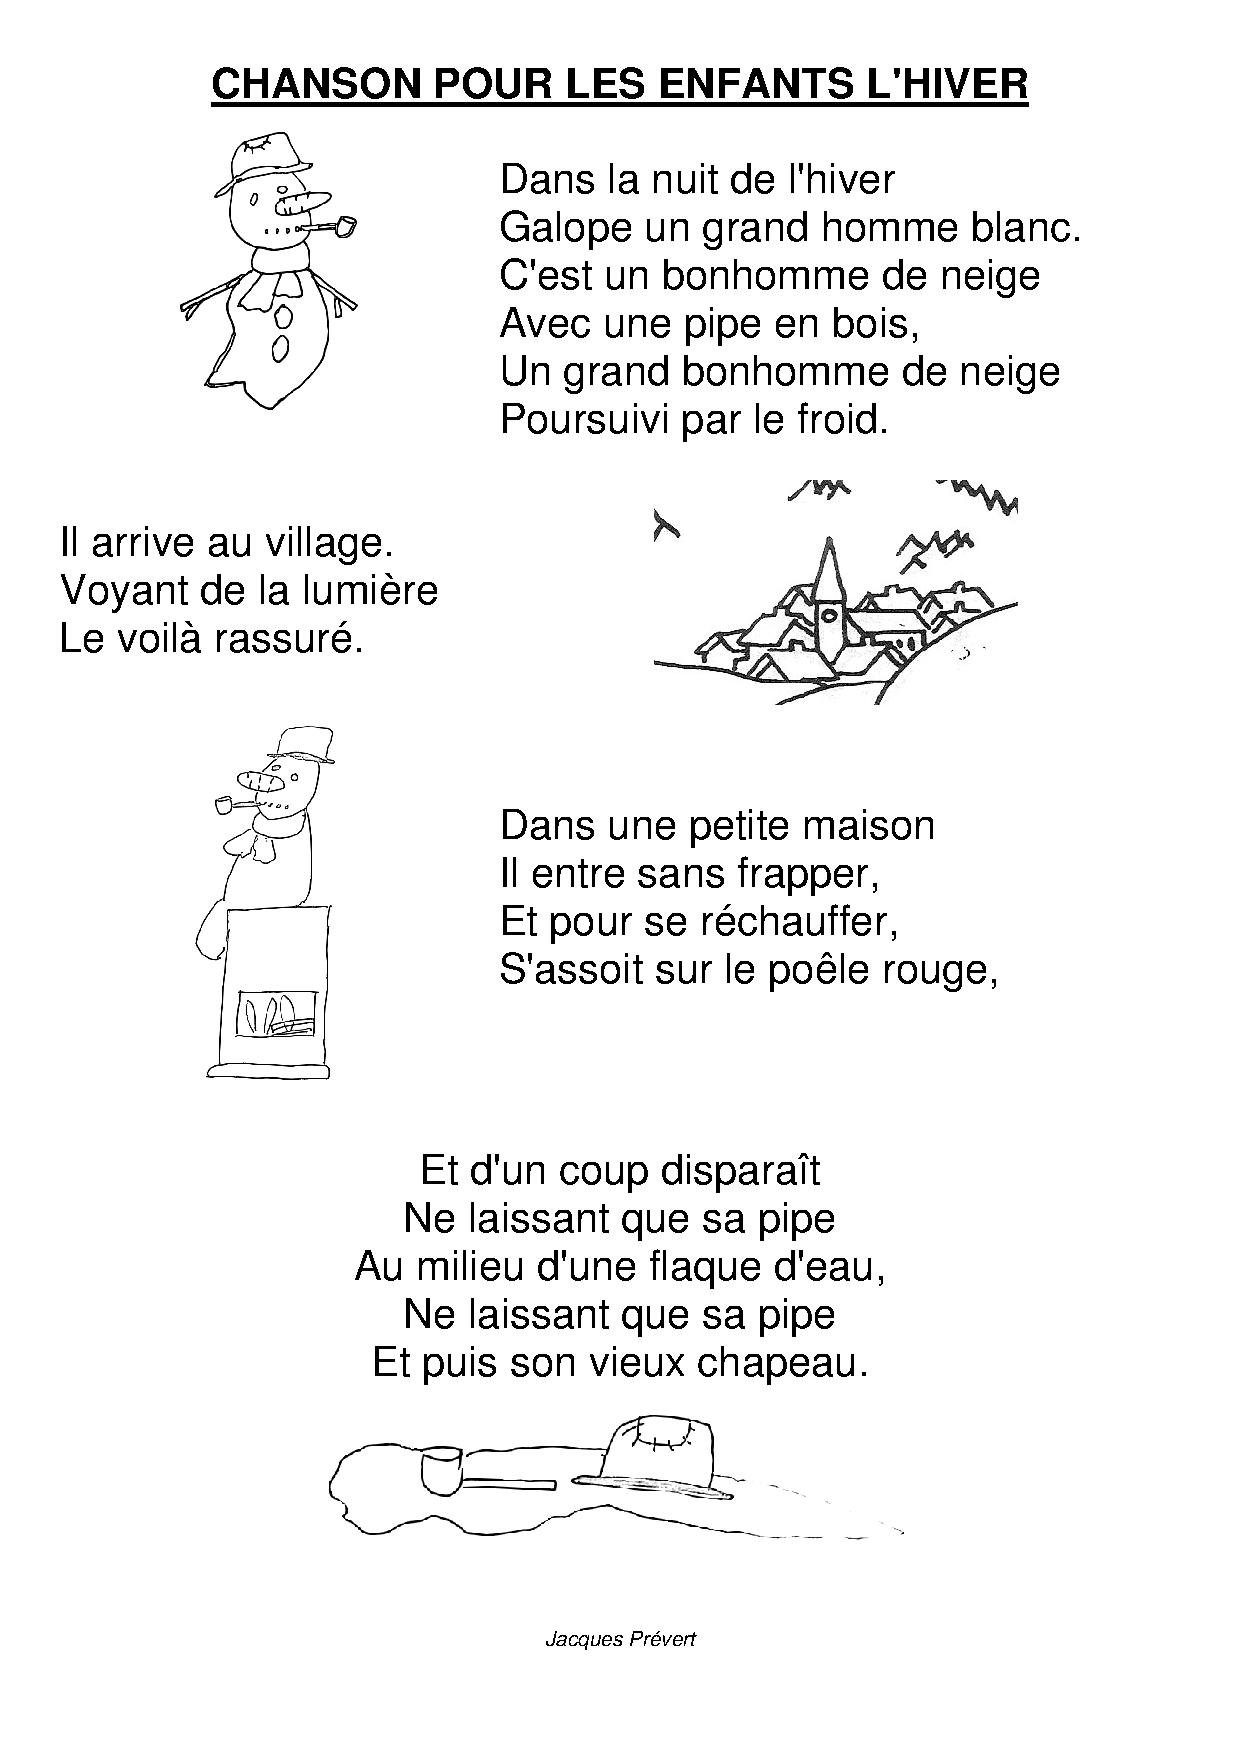 Chanson Pour Les Enfants De L'hiver : chanson, enfants, l'hiver, Chanson, Enfants, L'hiver, Maternelle, Camille